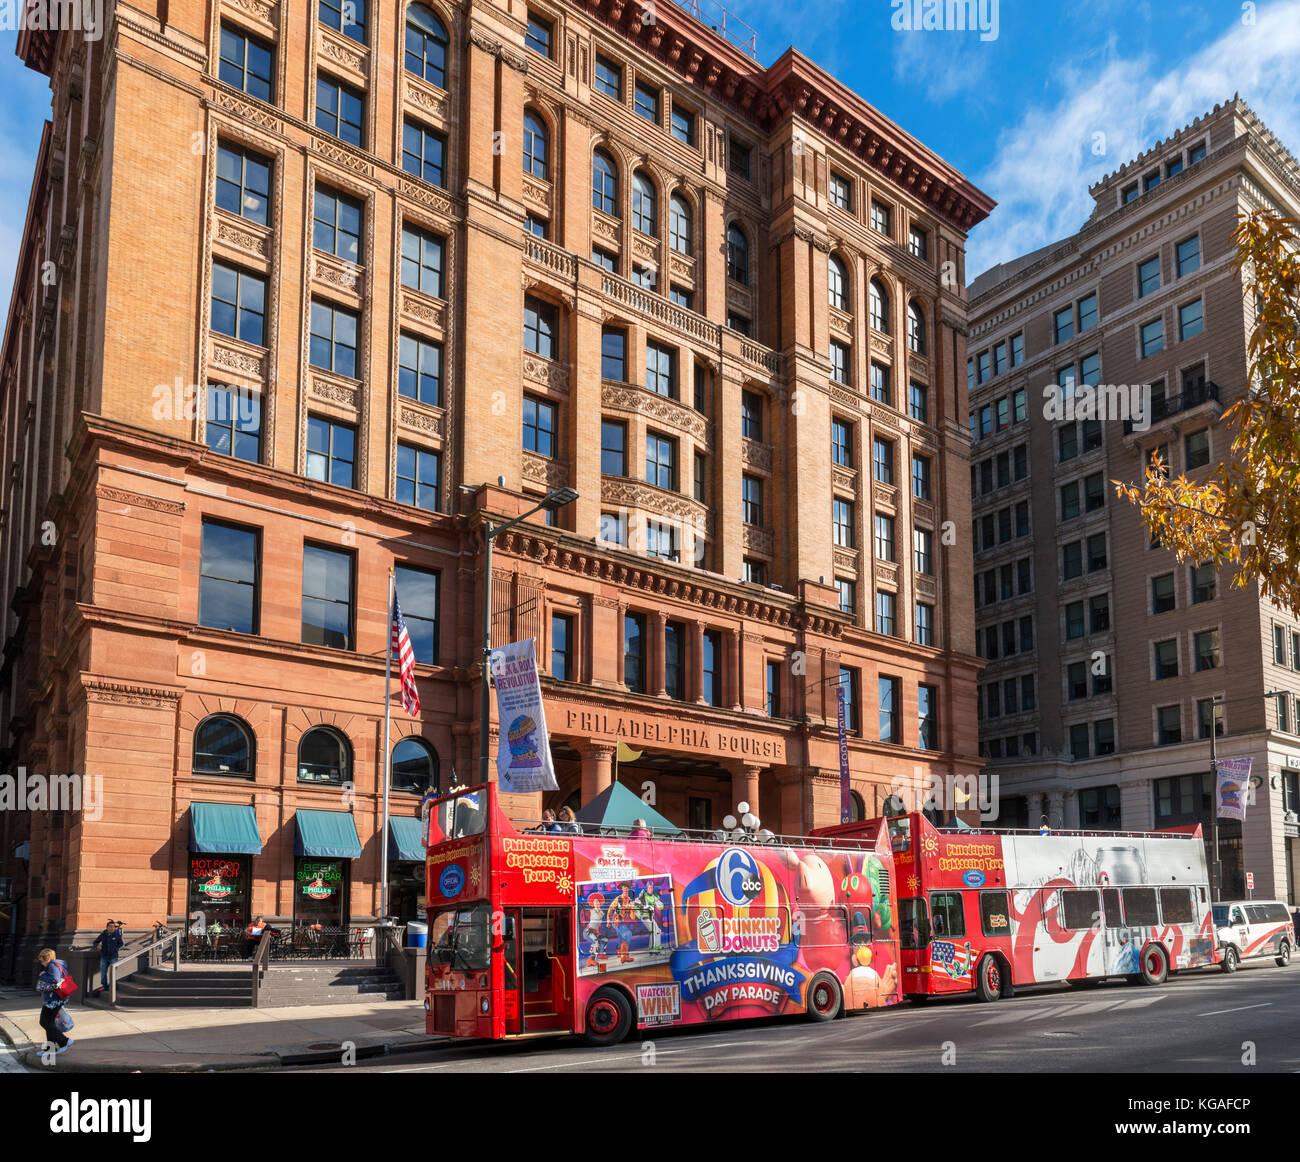 Excursión autobuses estacionados fuera del edificio de la bolsa de Filadelfia, Filadelfia, Pennsylvania, EE.UU. Imagen De Stock